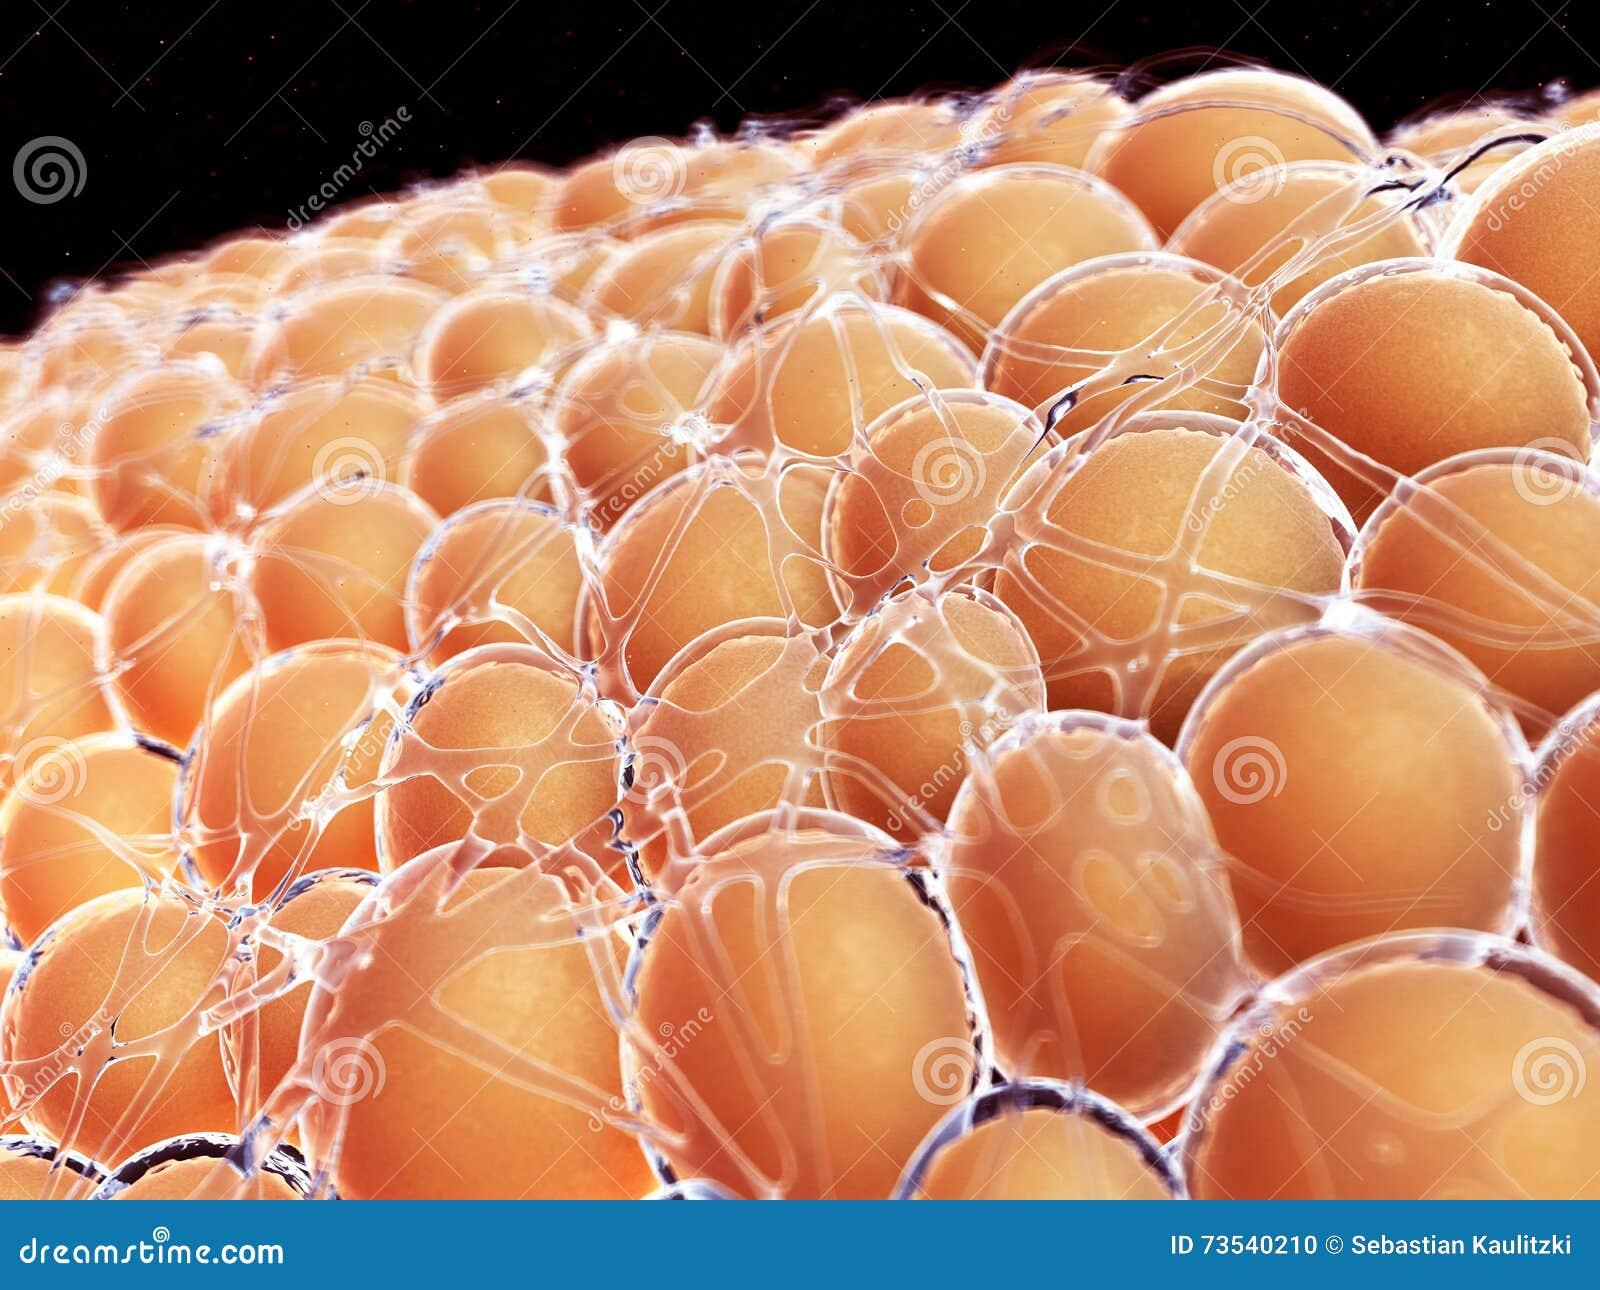 Human Fat Cells 18